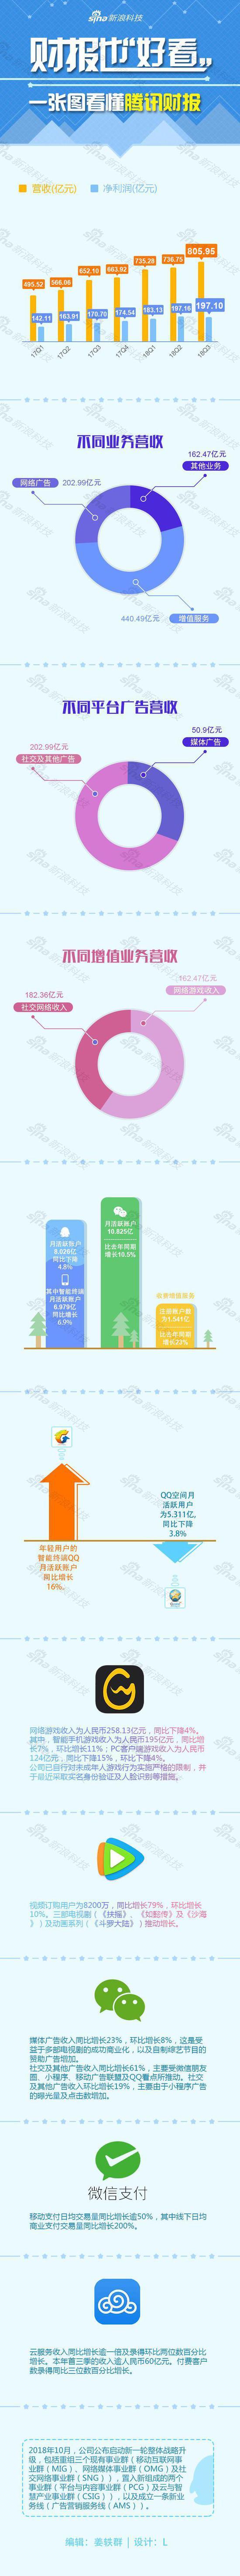 一图看懂腾讯Q3财报:营收805.95亿元 同期增长24%